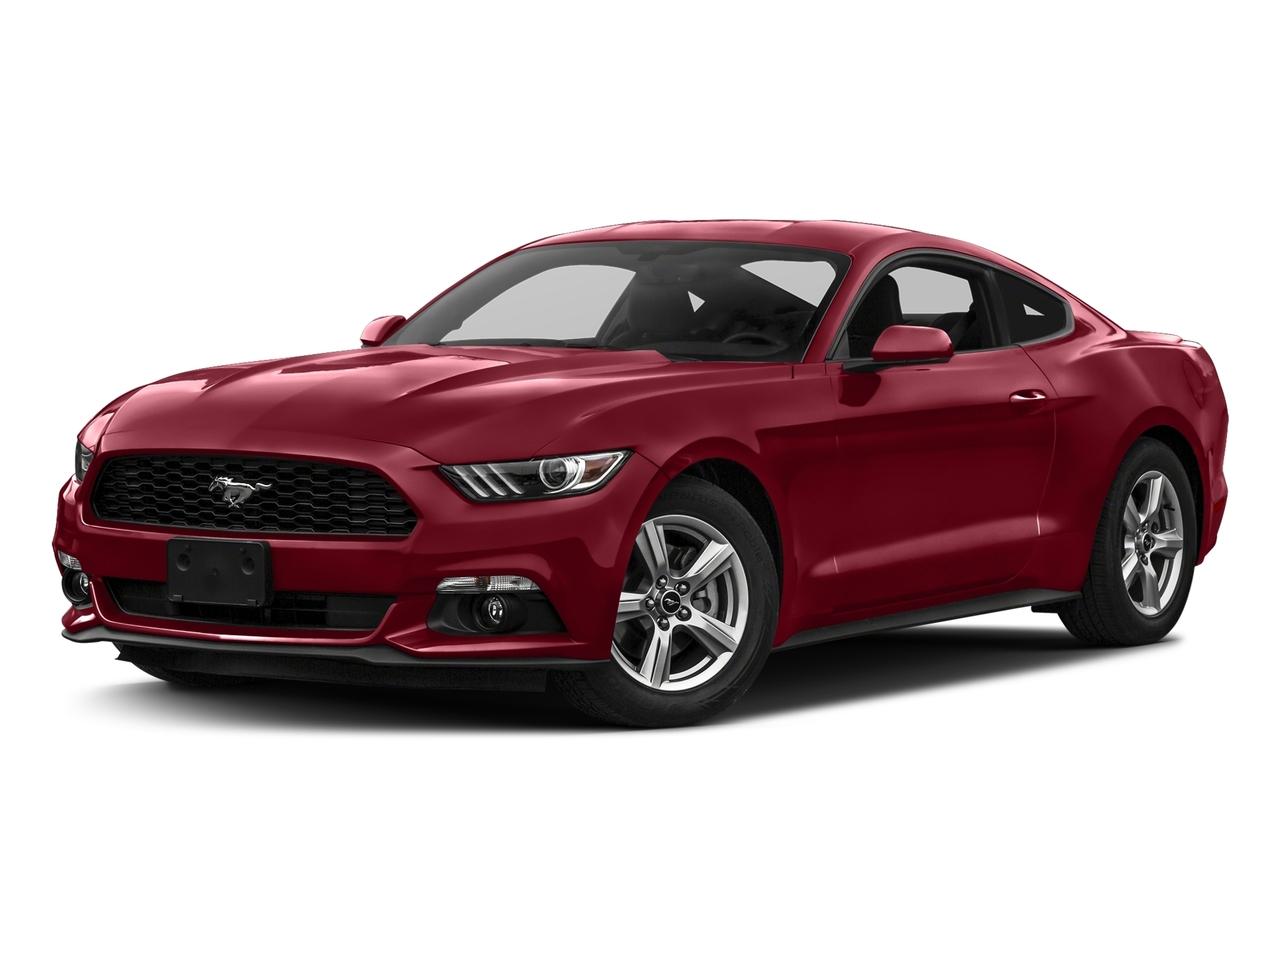 2017 Ford Mustang ECOBOOST PREMIUM 2dr Car Slide